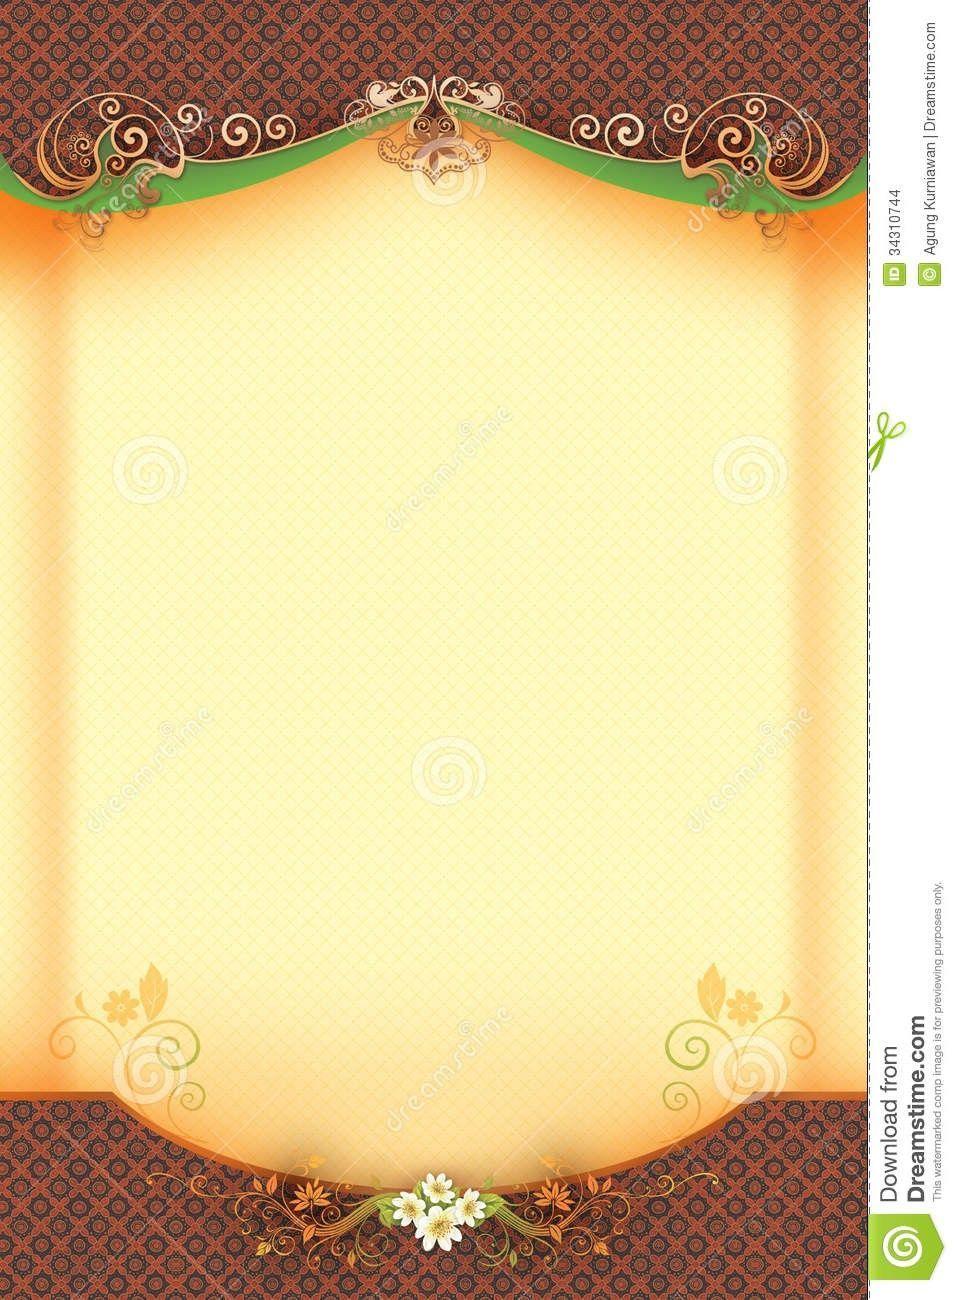 Hindu Wedding Card Hd Images Google Search 2020 Fotografcilik